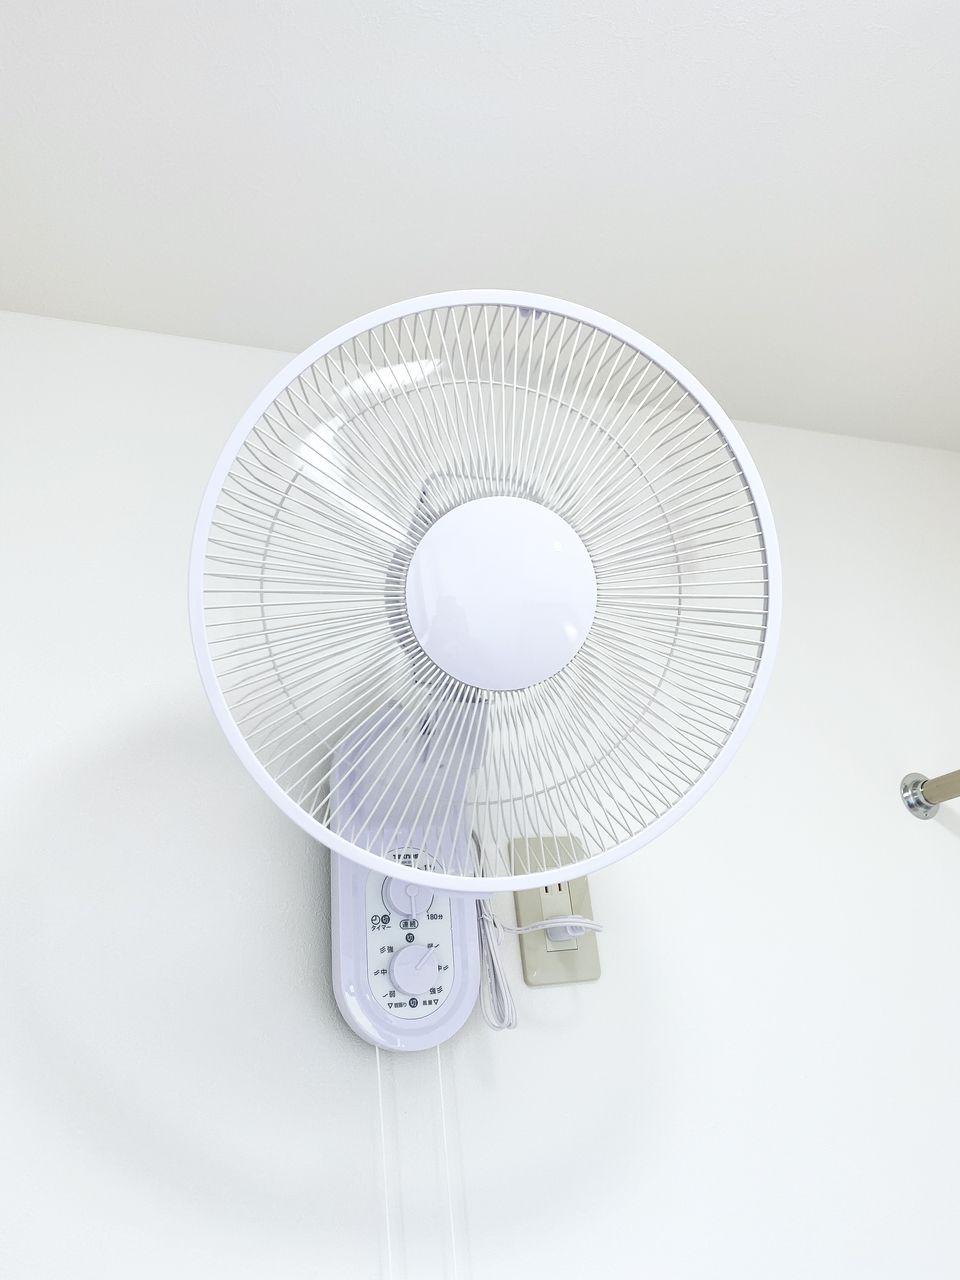 WIC、もしくは室内洗濯物干し場になるであろう2階の小部屋にサーキュレーターを設置しました。空気が循環しまくります!